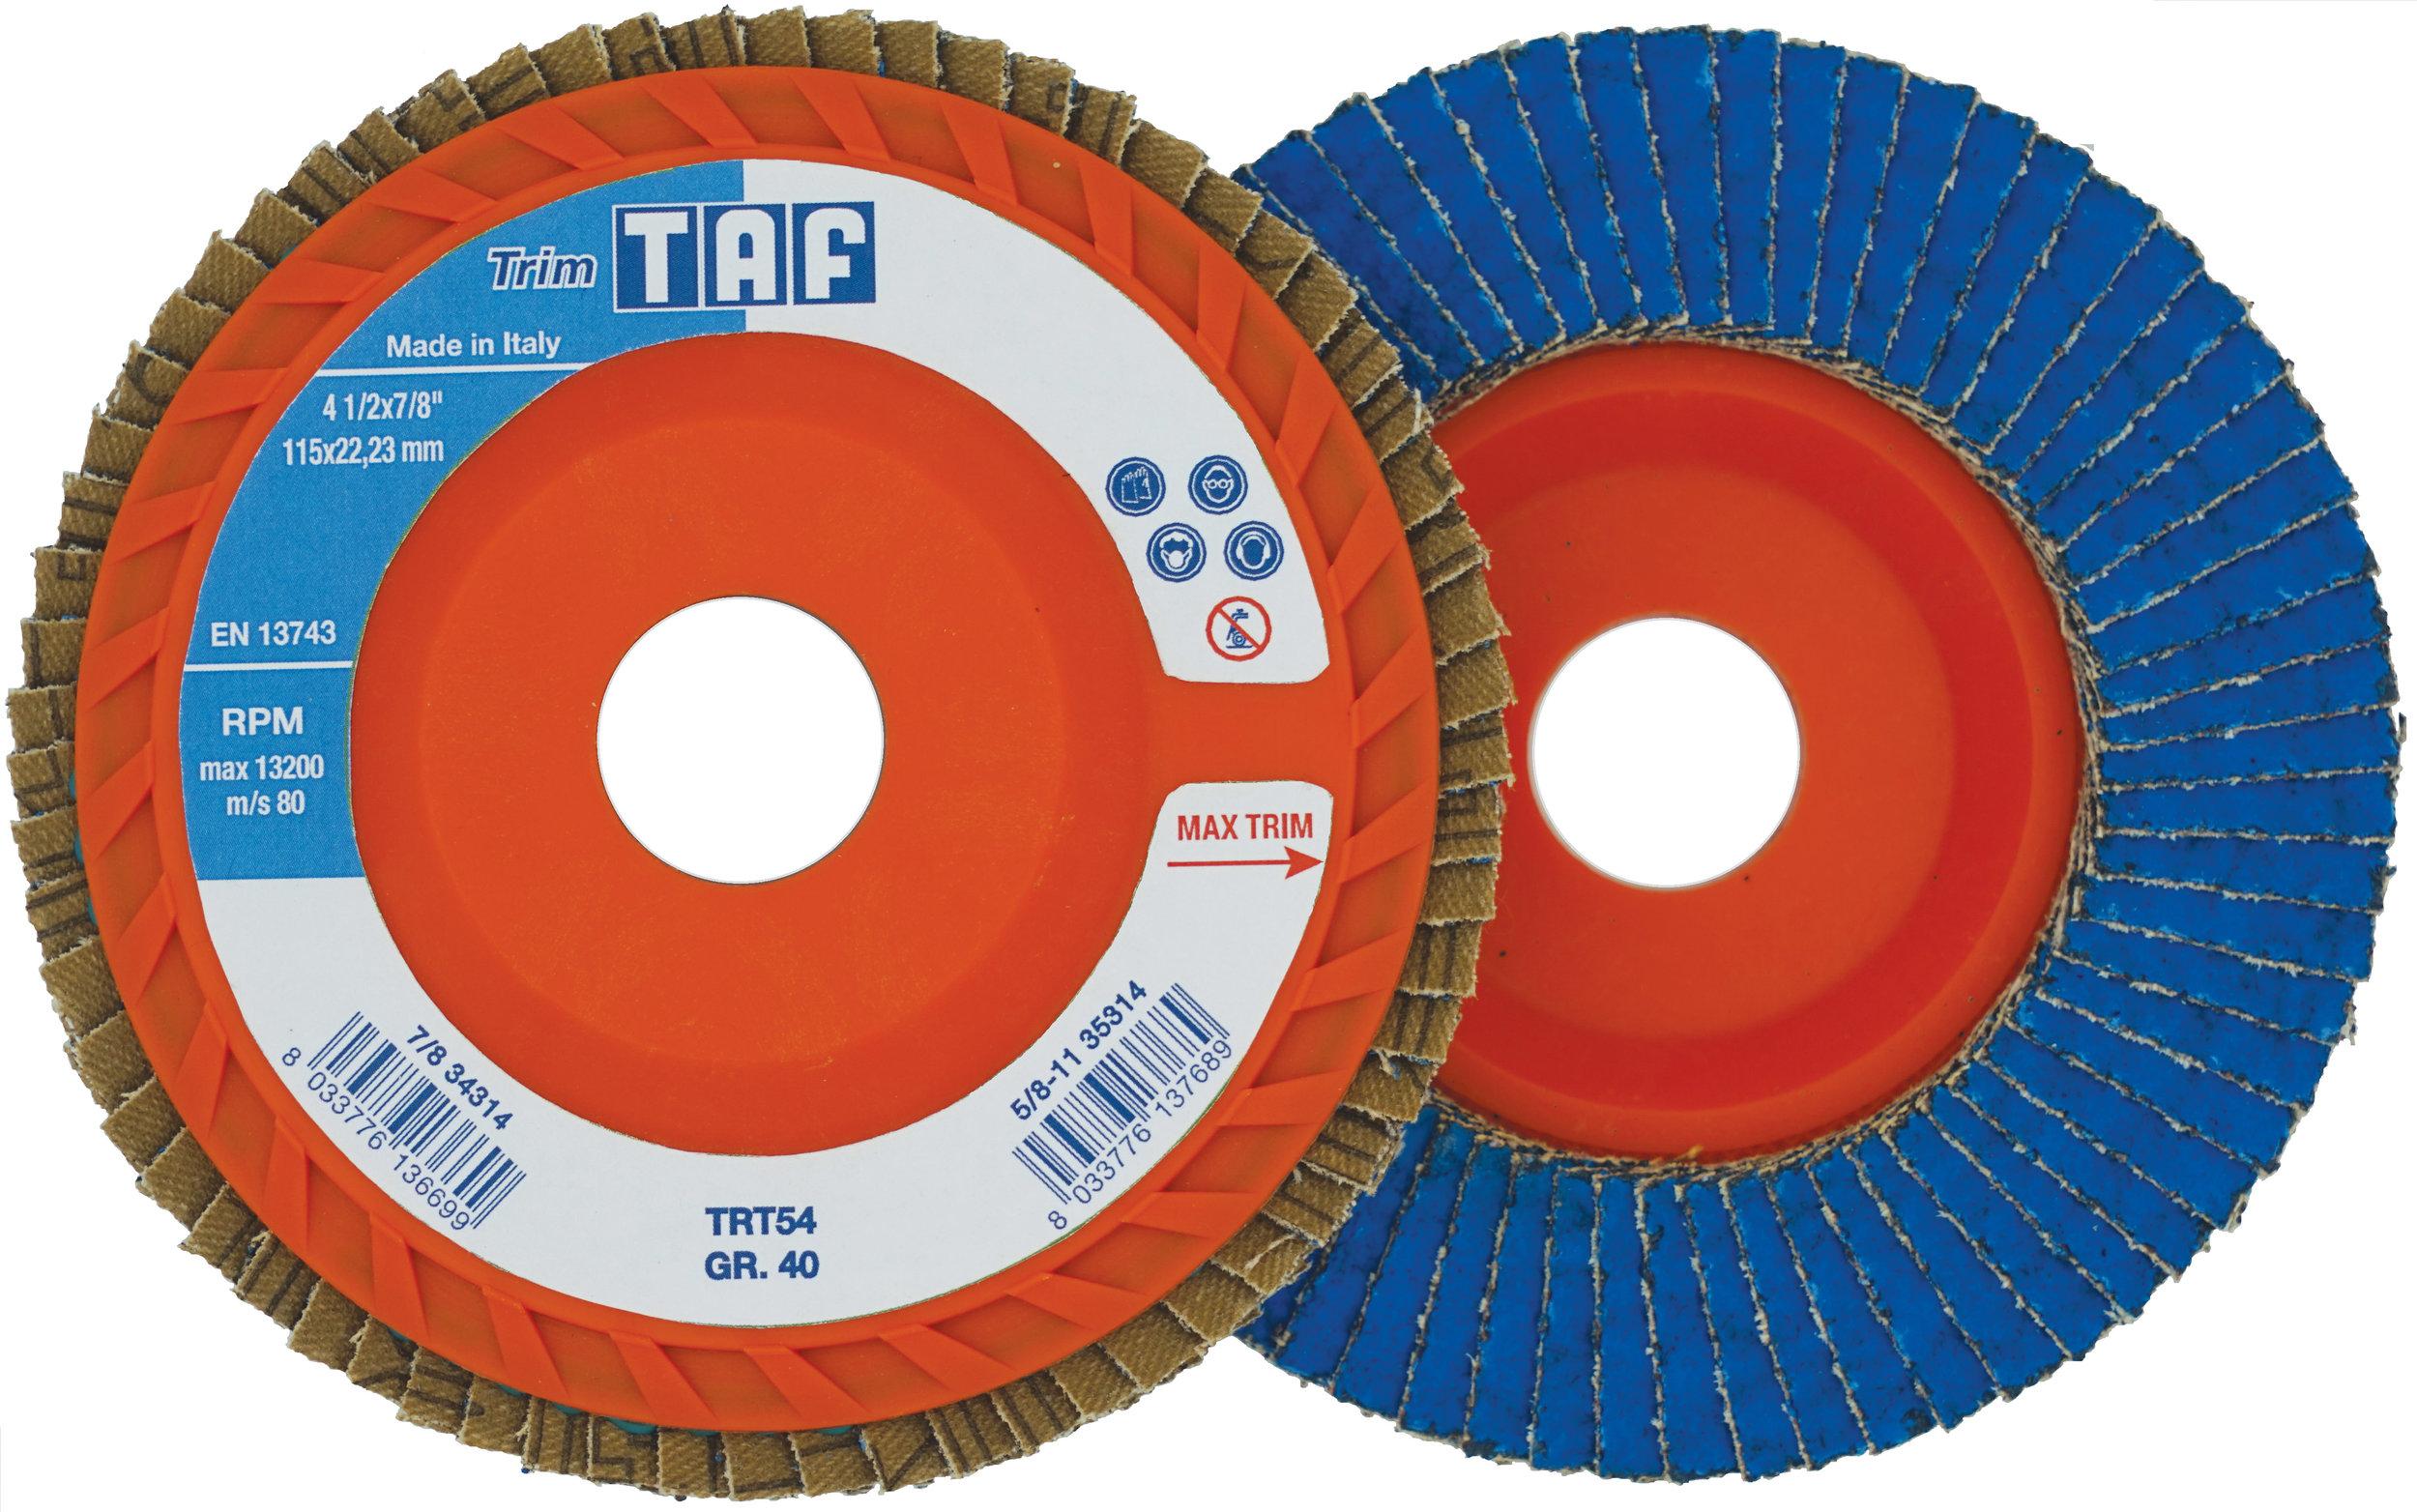 TRIMTAFZIRCO-CERAMICTRIMMABLE FLAP DISCS - New trimmable flap disc with proprietary premium zirco-ceramic cloth.